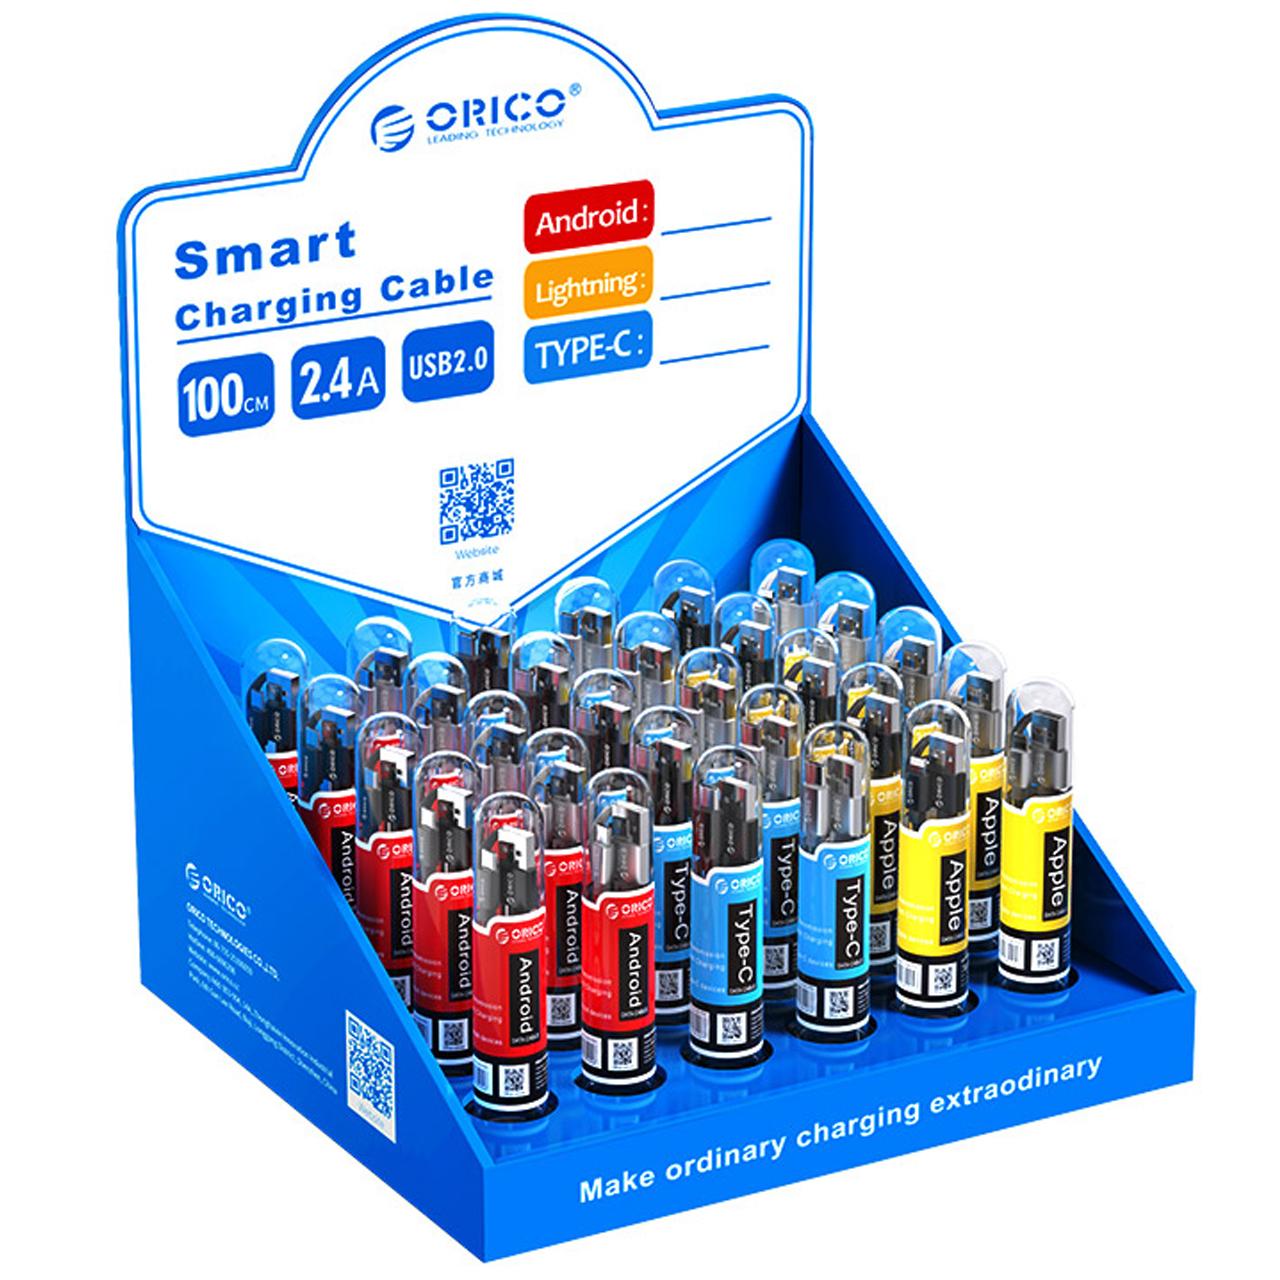 کابل تبدیل USB به microUSB  و USB-C و لایتنینگ اوریکو مدل SGX-NL-30 بسته 30 عددی